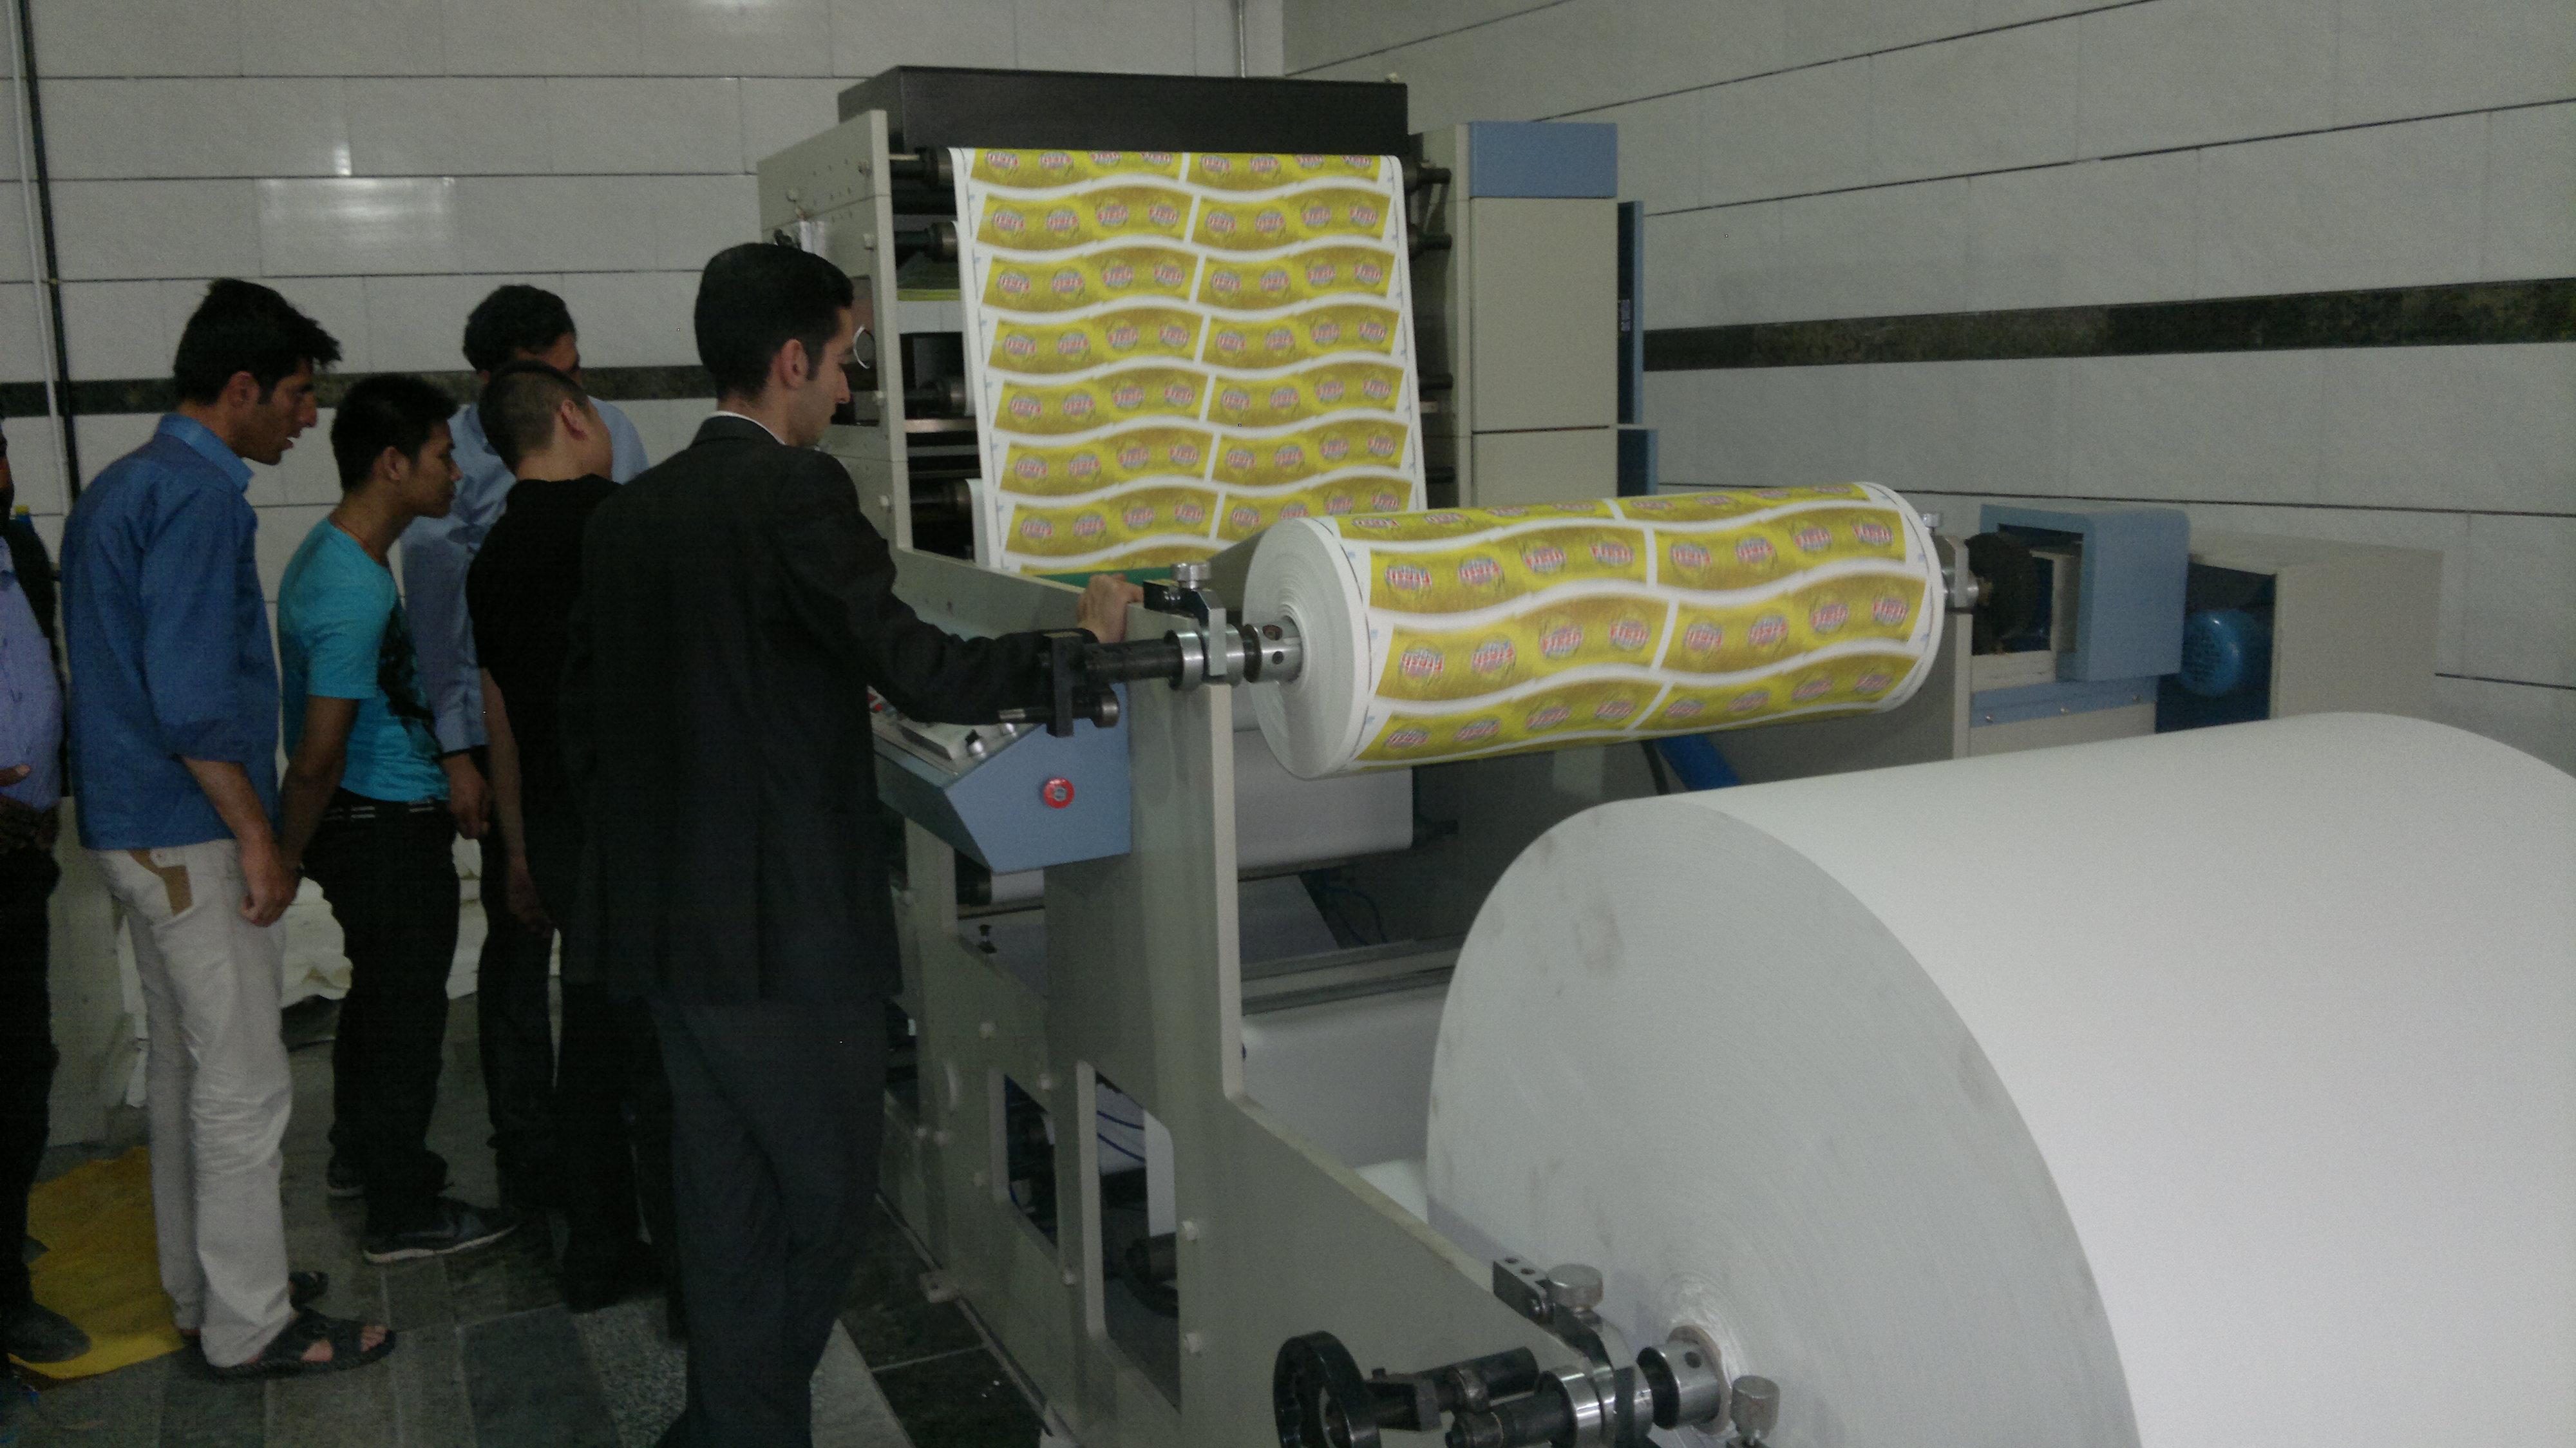 تجارت گستر ماشین | قیمت دستگاه تولید لیوان کاغذی دست دوم - تجارت ...دستگاه تولید لیوان کاغذی ماشین آلات تولید لیوان کاغذی + تصاویر ...